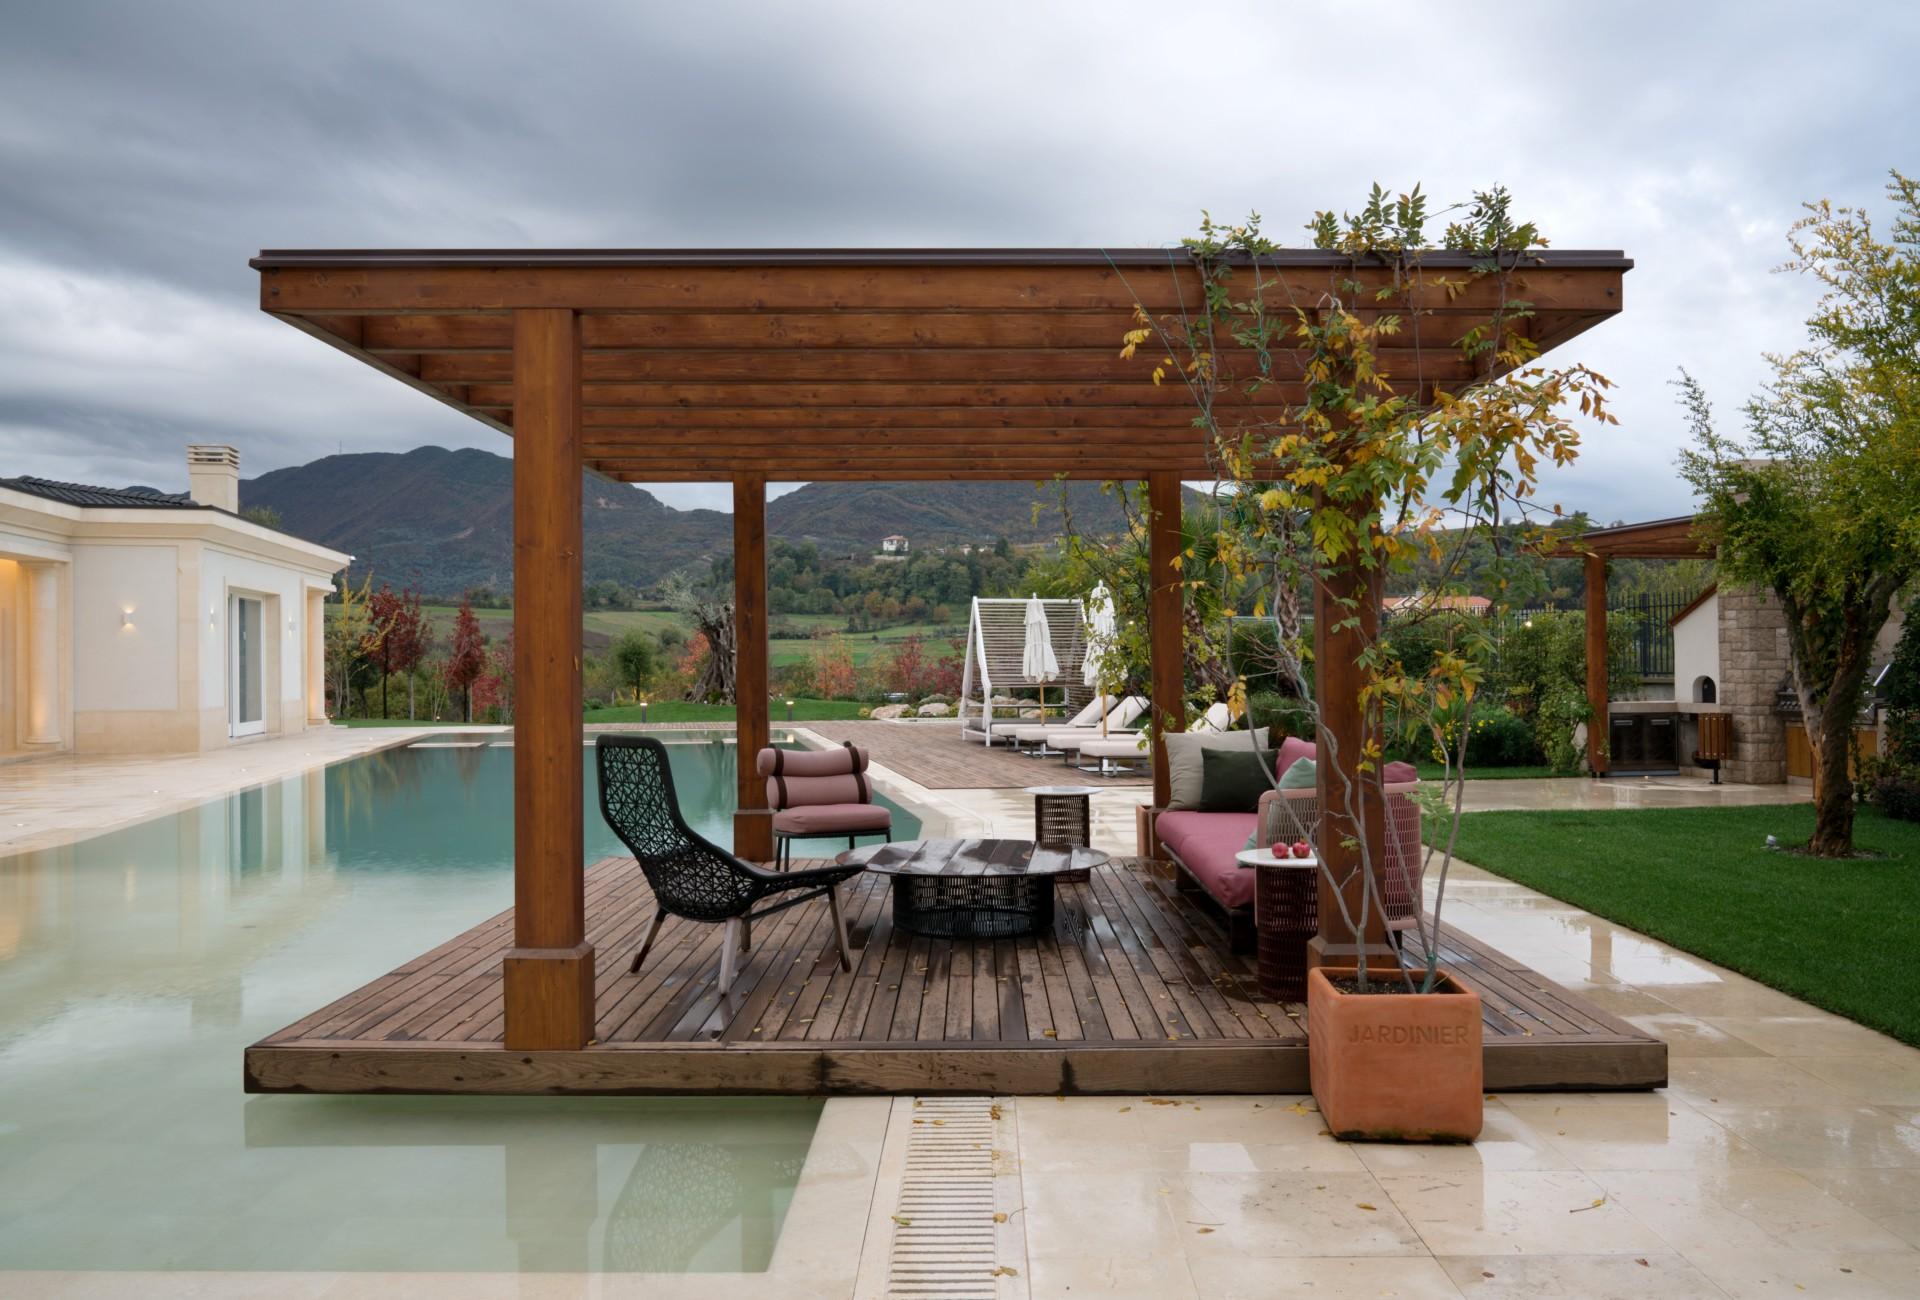 Villa Terre Du Sud studio marco piva villa in tirana   floornature